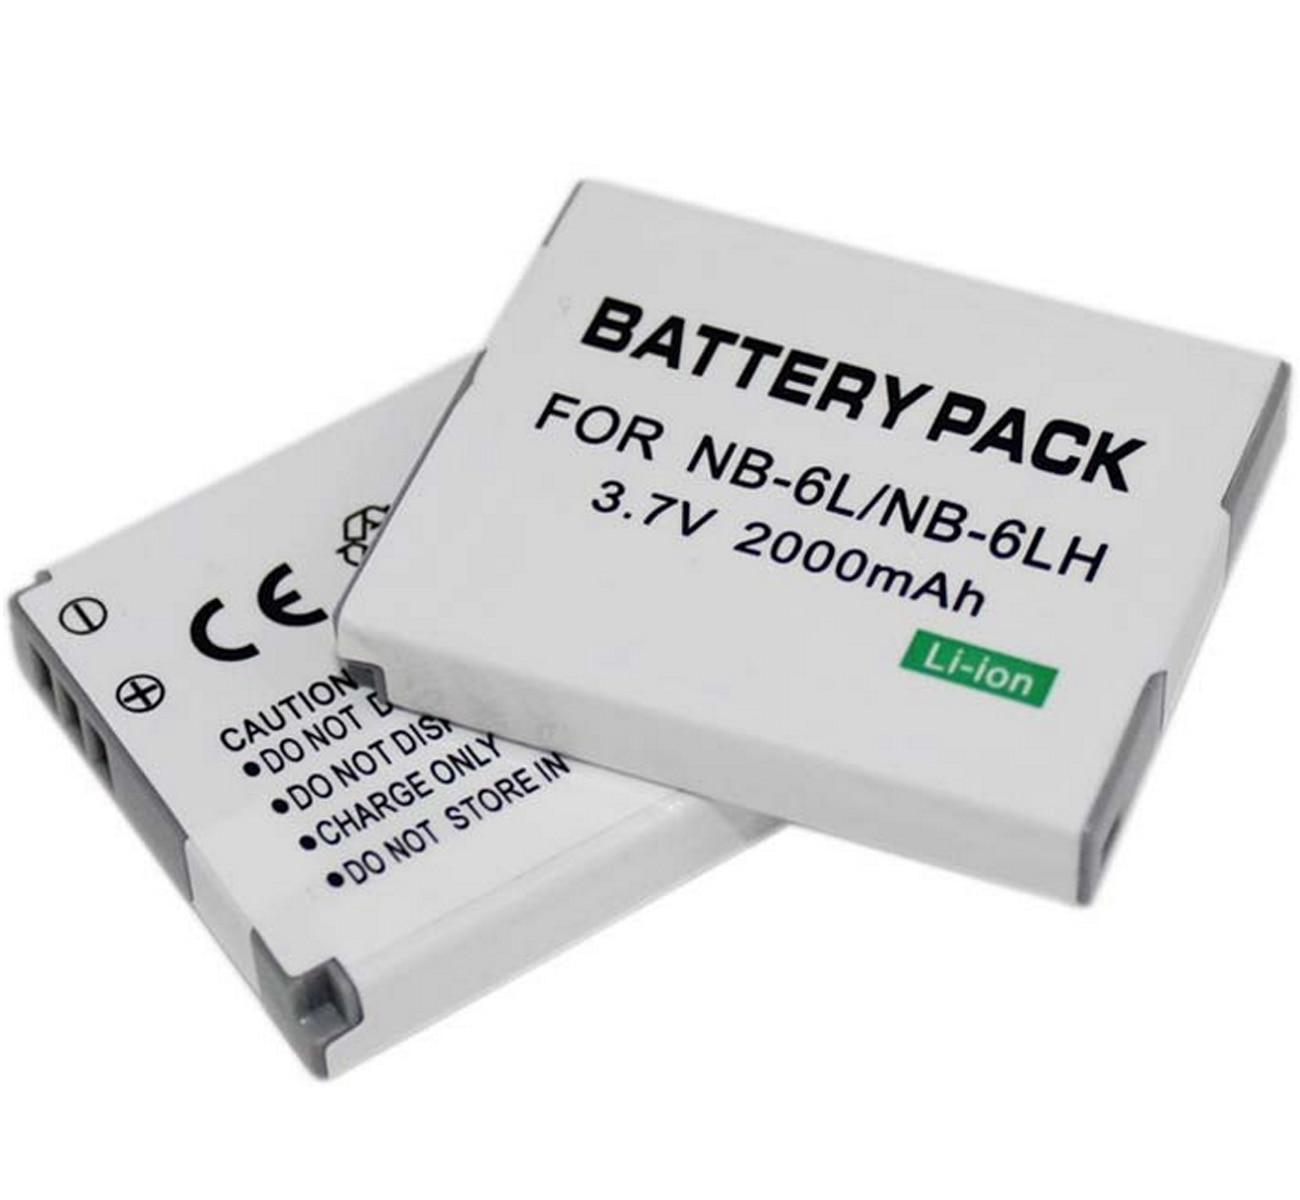 Bateria para canon powershot d10, d20, s90, s95, elph 500 hs, sx170is, sx240hs, sx260hs, sx270hs, sx280hs, sx500is câmera digital